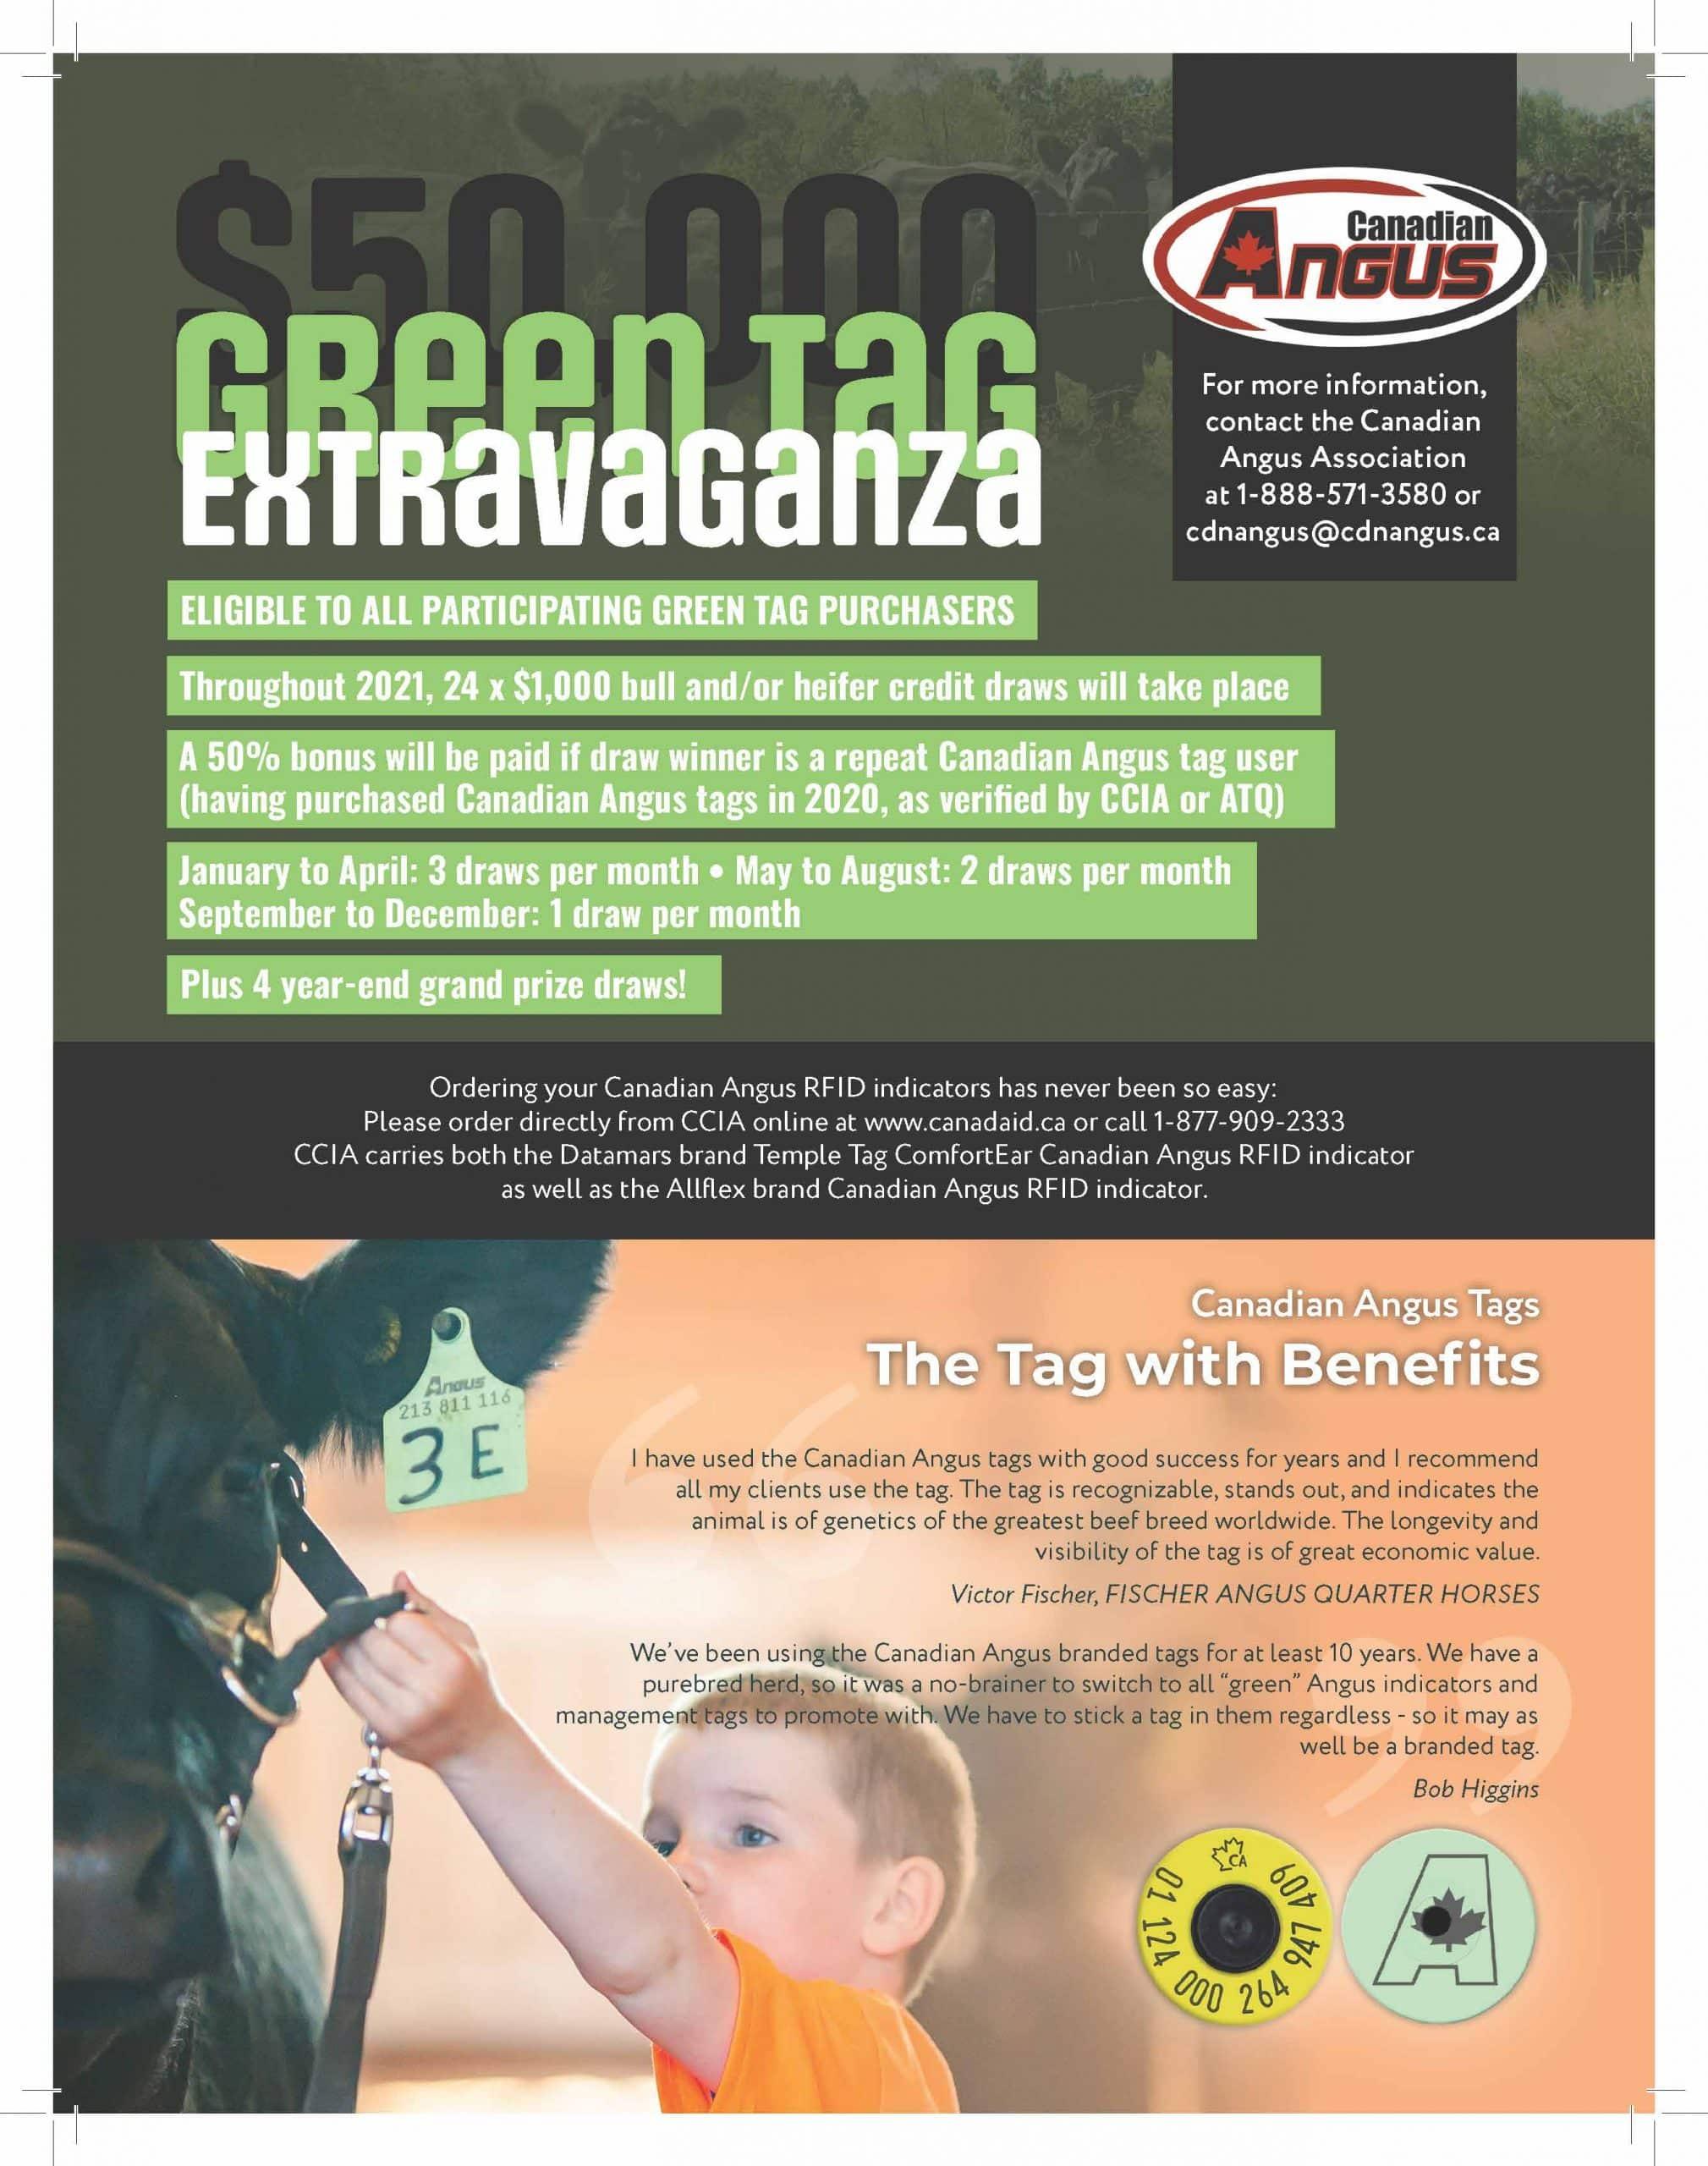 Tag ad_extravaganza_2021